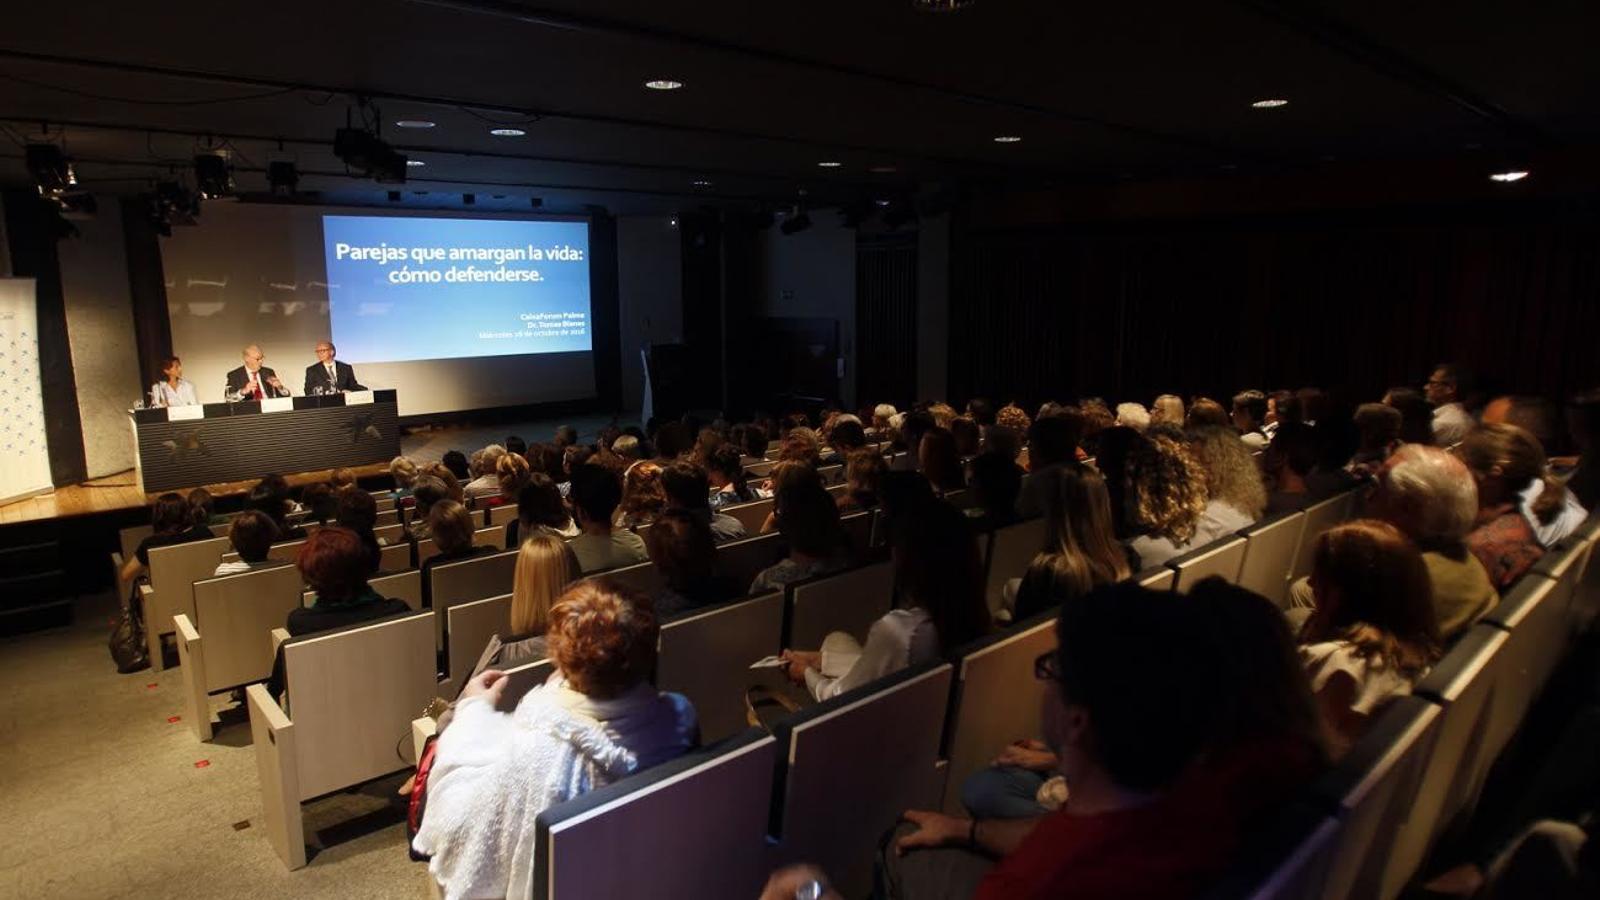 Imatge de la sala durant la conferència.